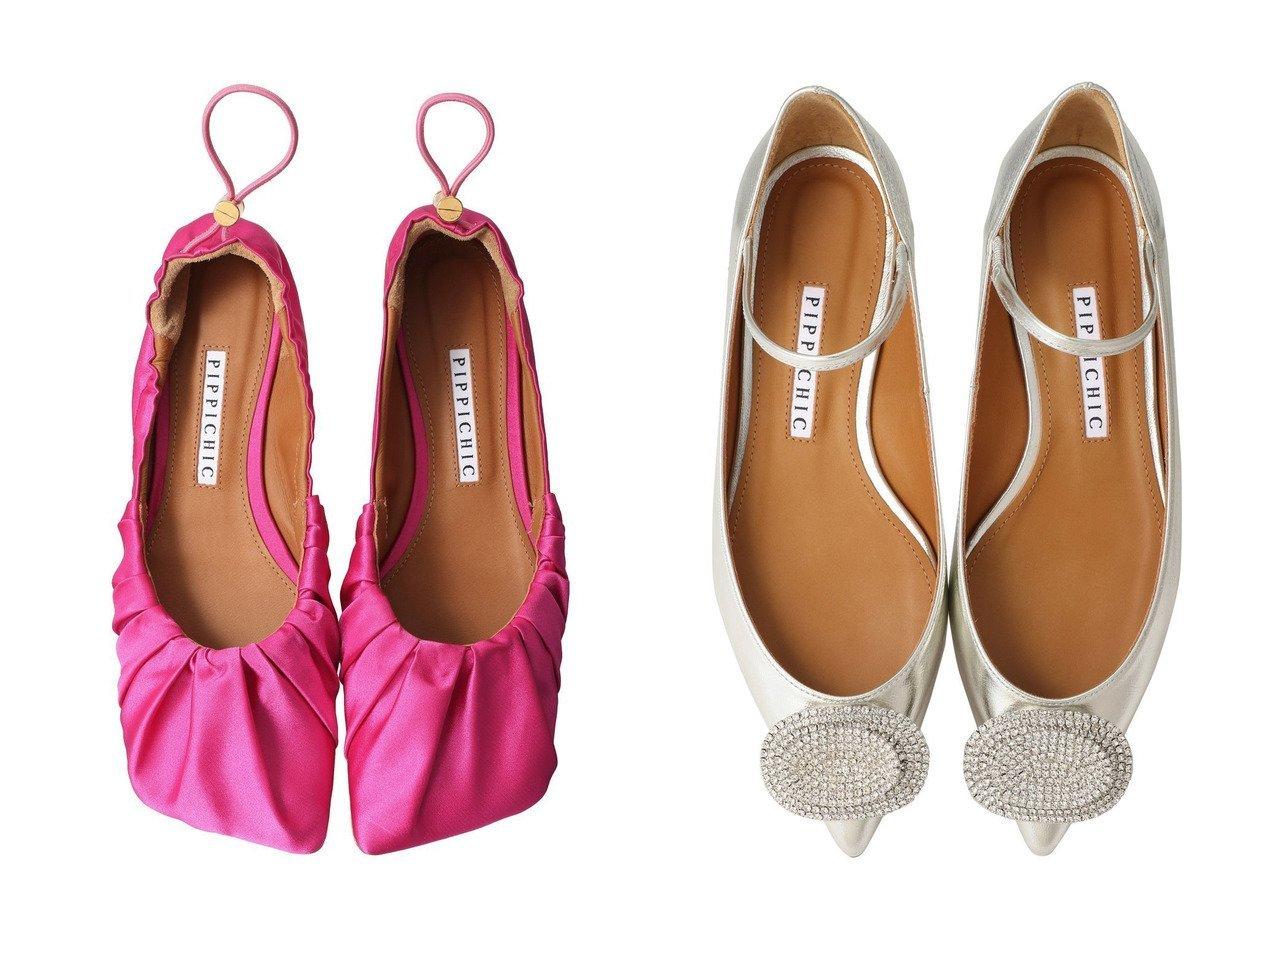 【Pippichic/ピッピシック】のLINDA スクエアトゥサテンギャザーフラットシューズ&ANNA SHALOW JEWERY フラットシューズ 【シューズ・靴】おすすめ!人気、トレンド・レディースファッションの通販 おすすめで人気の流行・トレンド、ファッションの通販商品 インテリア・家具・メンズファッション・キッズファッション・レディースファッション・服の通販 founy(ファニー) https://founy.com/ ファッション Fashion レディースファッション WOMEN 2021年 2021 2021-2022秋冬・A/W AW・Autumn/Winter・FW・Fall-Winter・2021-2022 A/W・秋冬 AW・Autumn/Winter・FW・Fall-Winter ギャザー サテン シューズ スタイリッシュ トレンド フラット おすすめ Recommend エレガント ジュエリー デニム モチーフ ラップ |ID:crp329100000053503